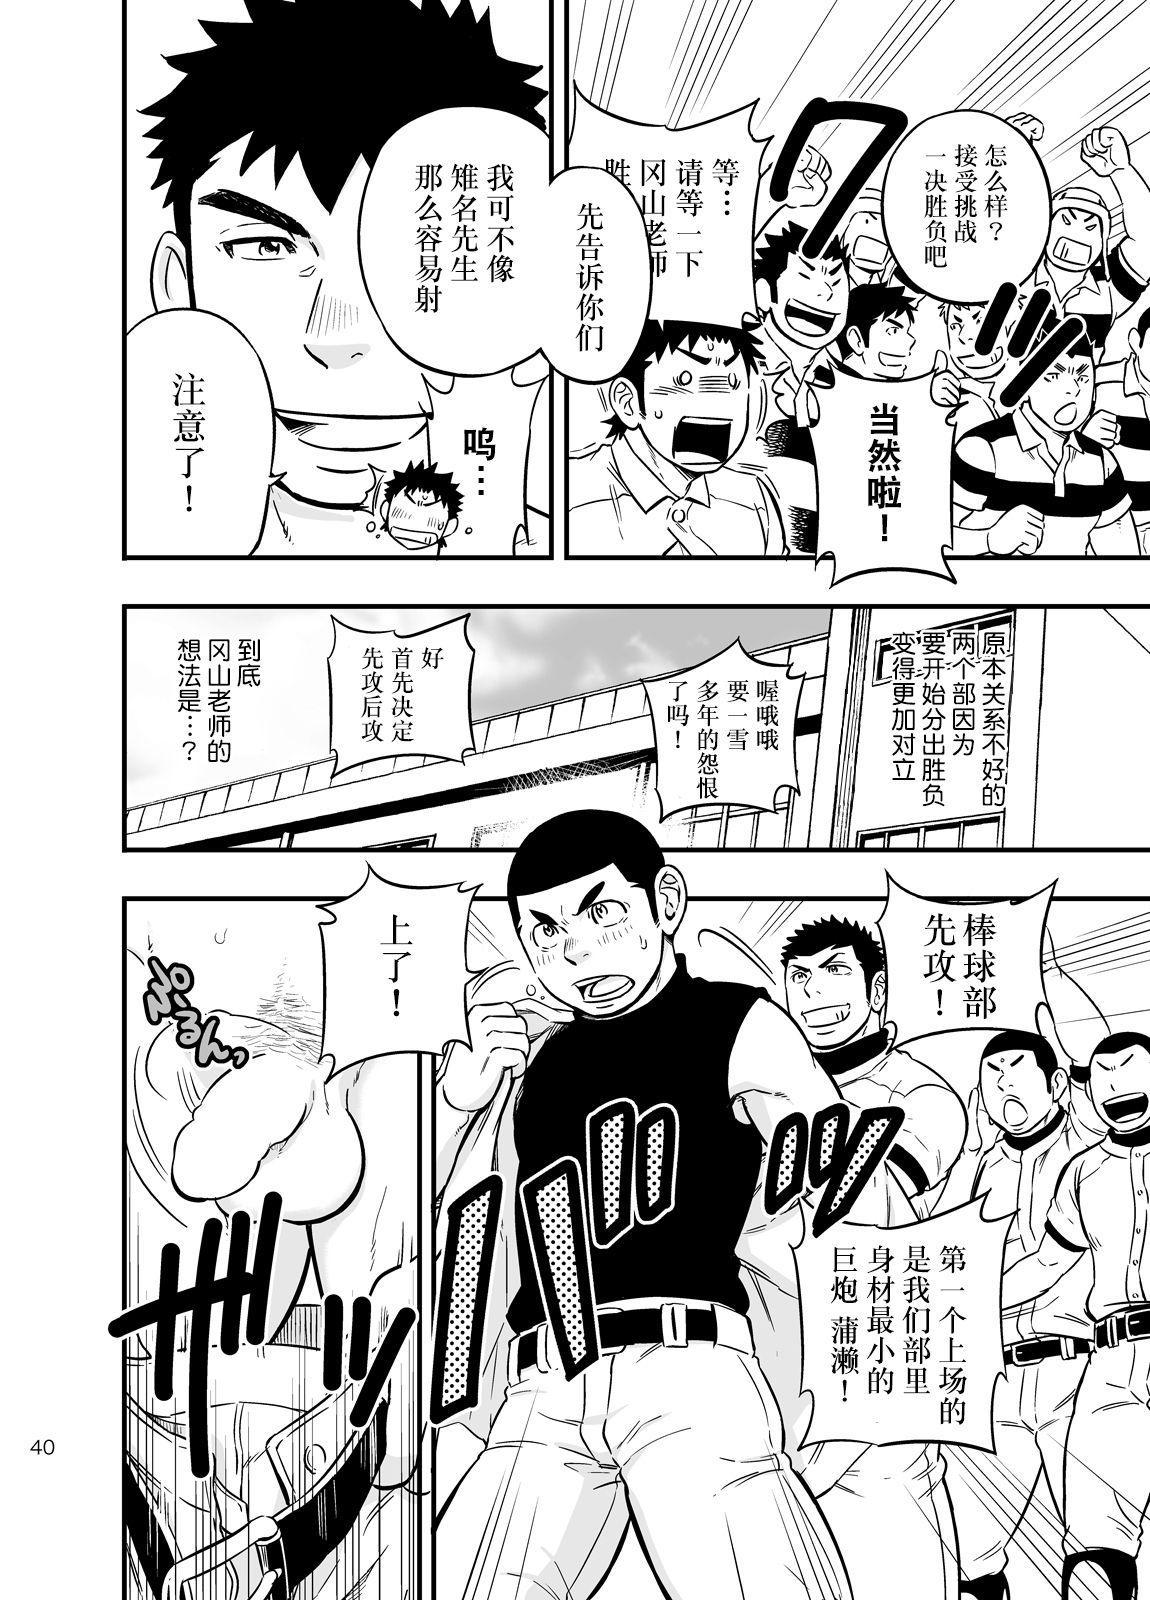 Moshimo Danshikou no Hoken Taiiku ga Jitsugi Ari Dattara 2 | 如果男校的保健体育课有实践环节的话 2 38